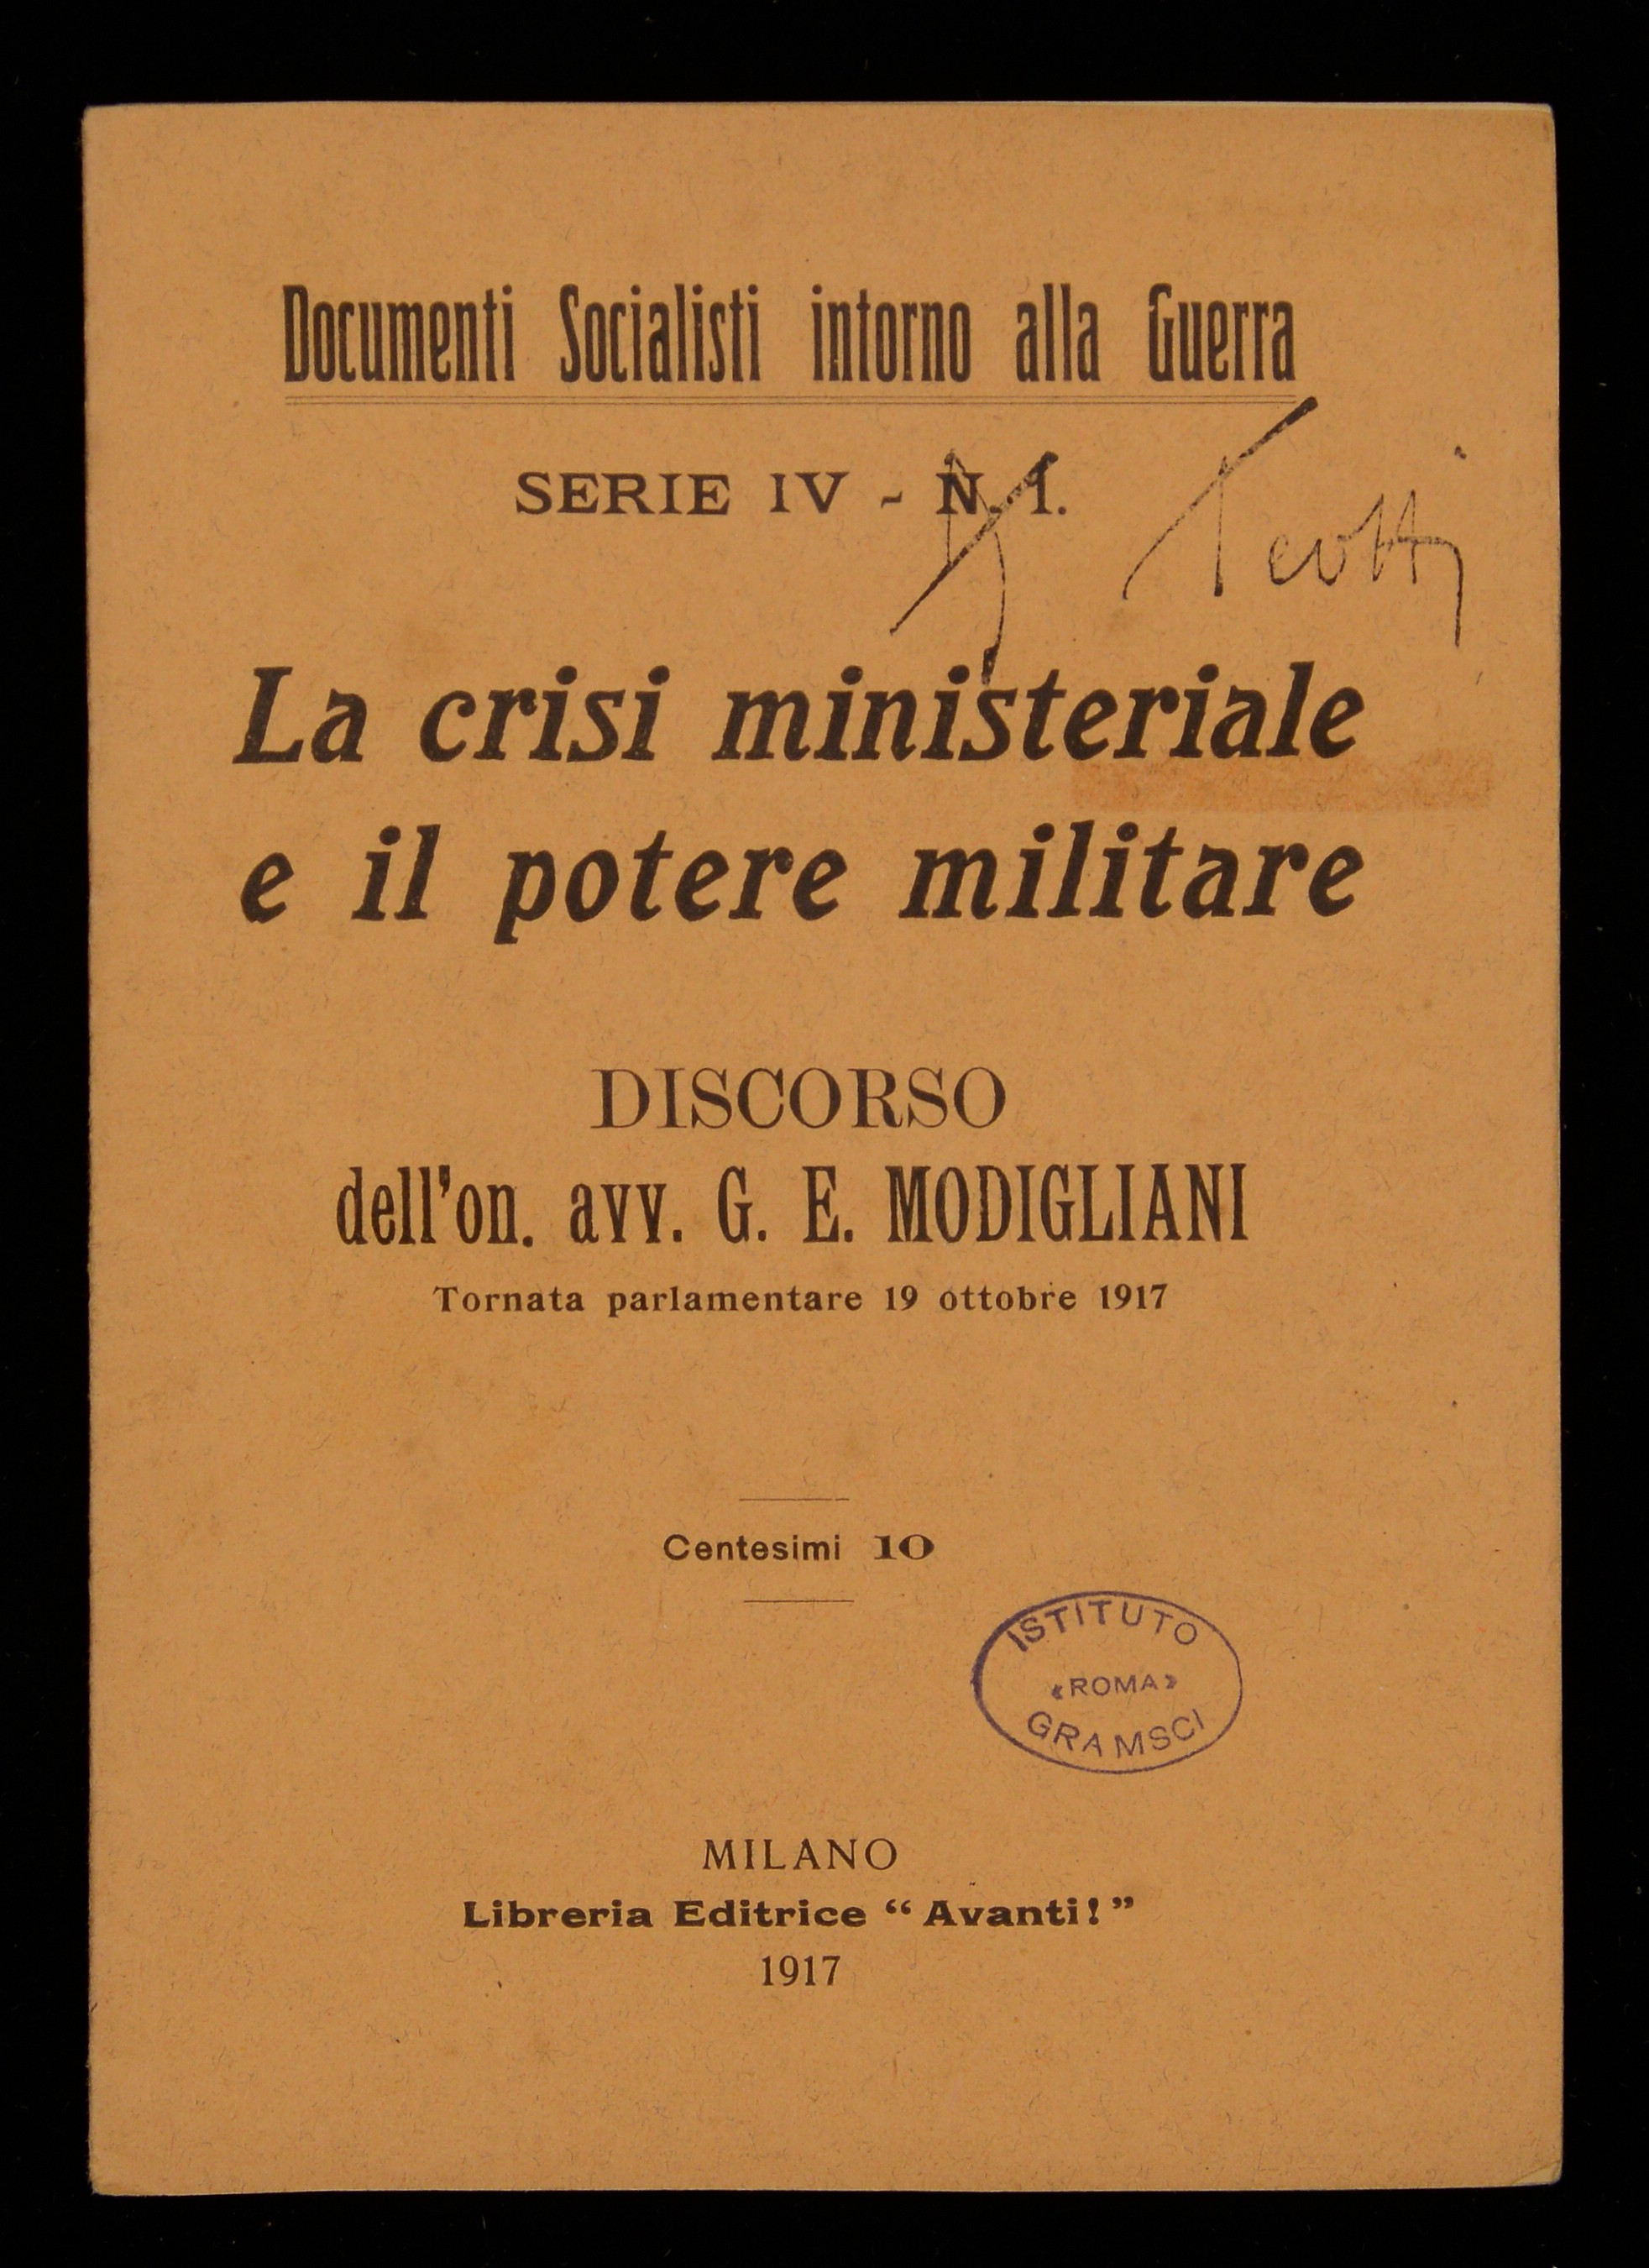 La crisi ministeriale e il potere militare